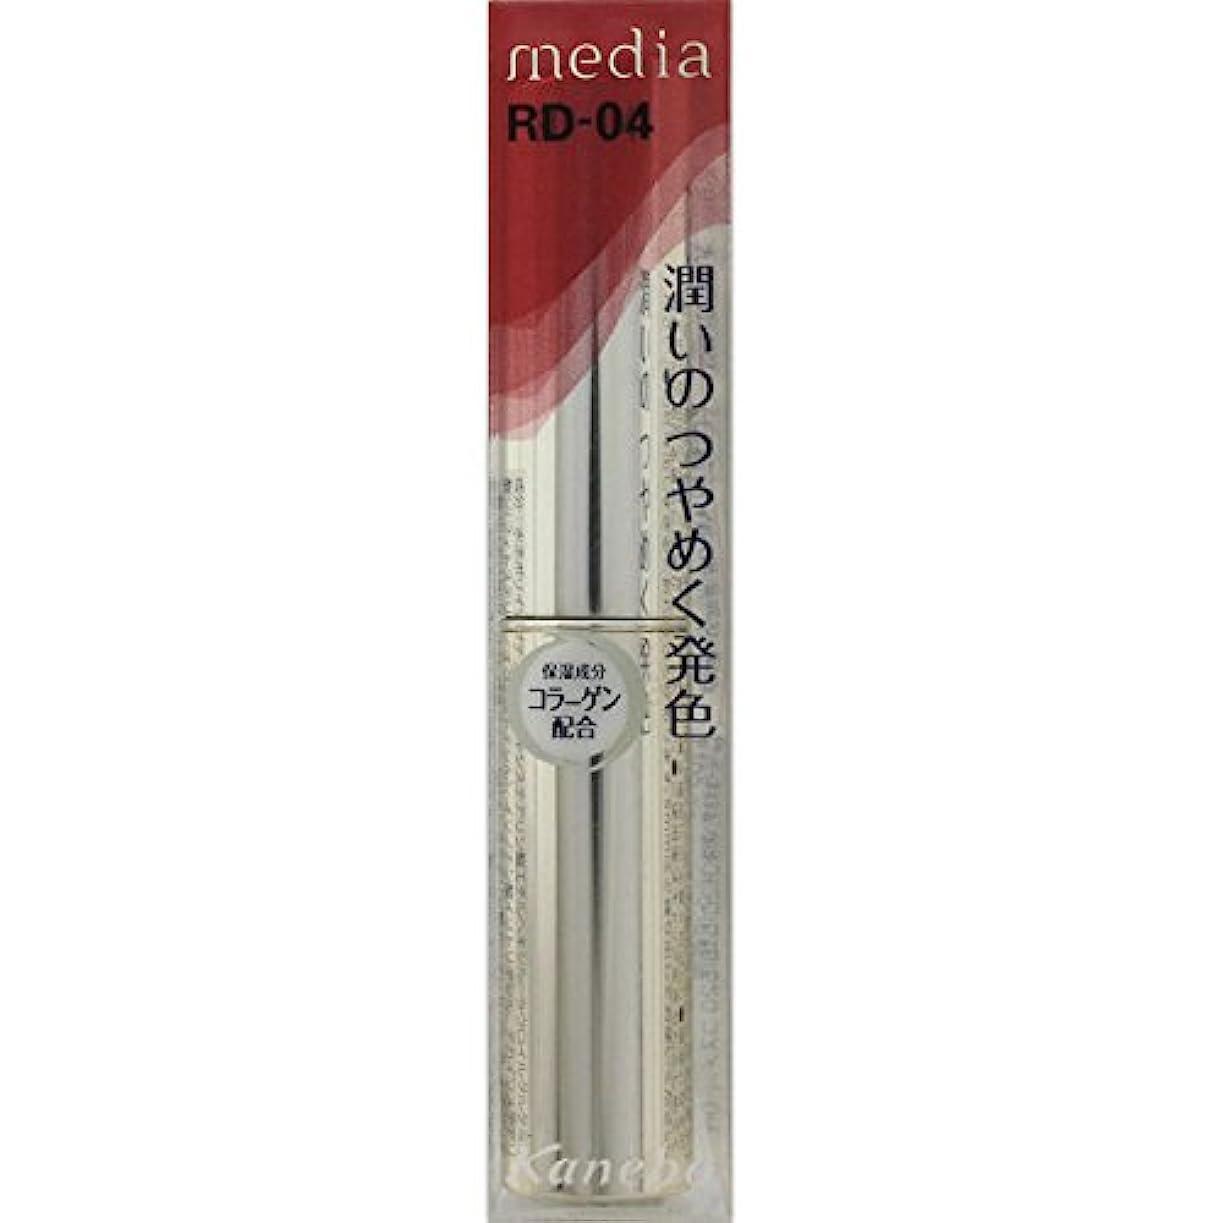 段落生産的粉砕するカネボウ メディア(media)シャイニーエッセンスリップA カラー:RD-04